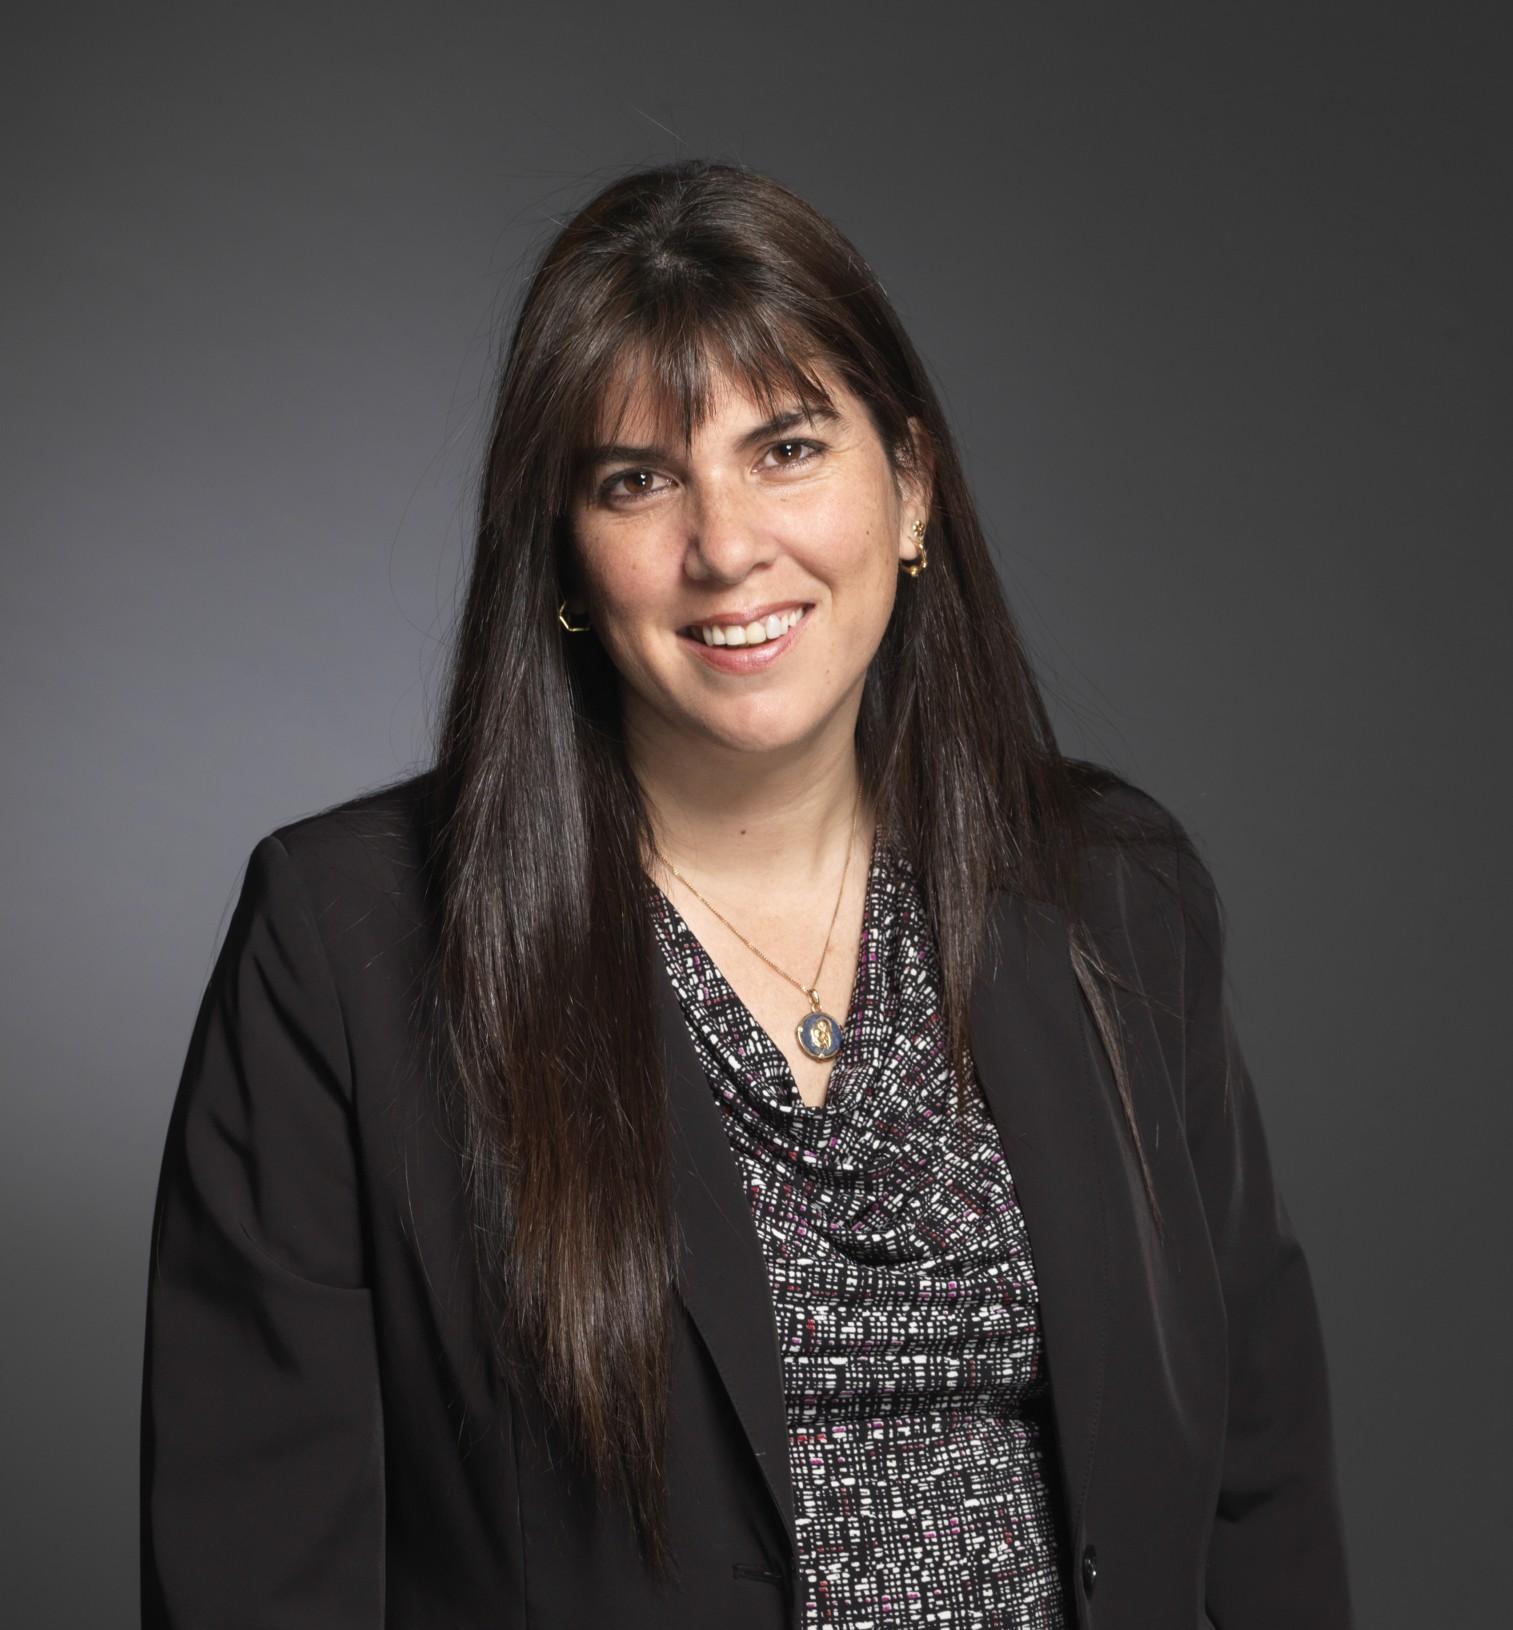 Ximena Vega